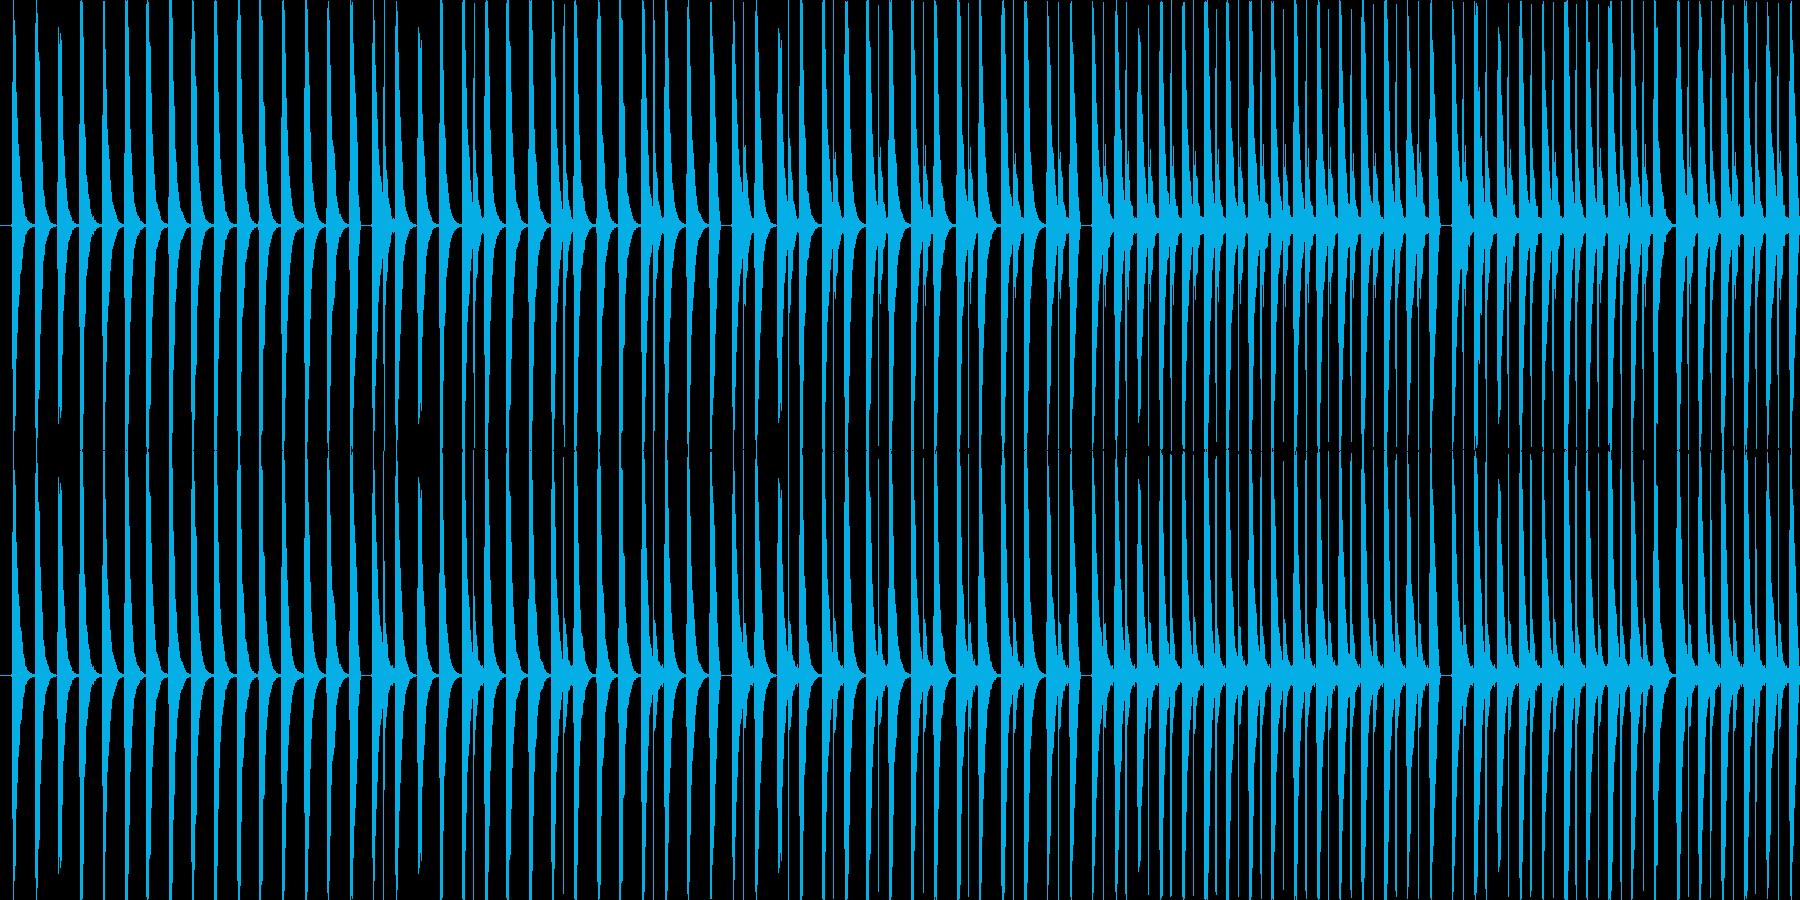 【お散歩/わくわくなポップス】の再生済みの波形